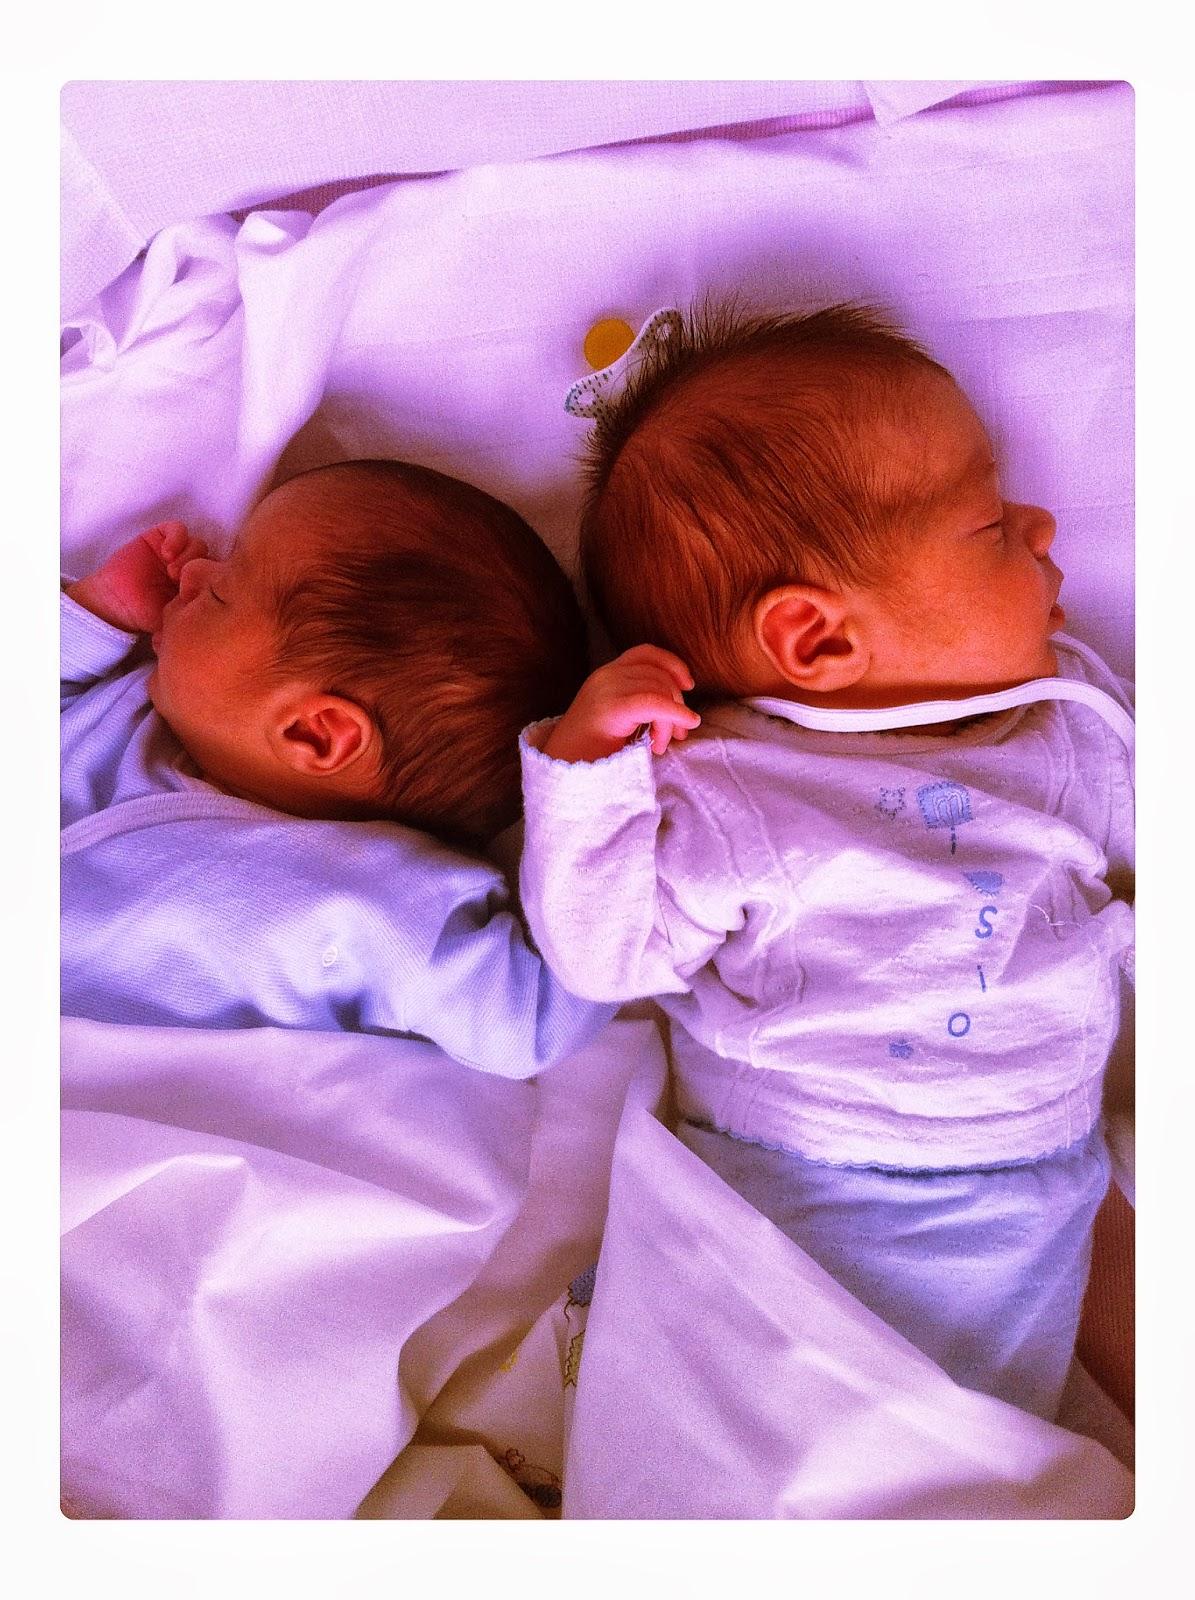 Trillimami cu nto debe engordar un beb prematuro - Cuanto come un bebe de 1 mes ...